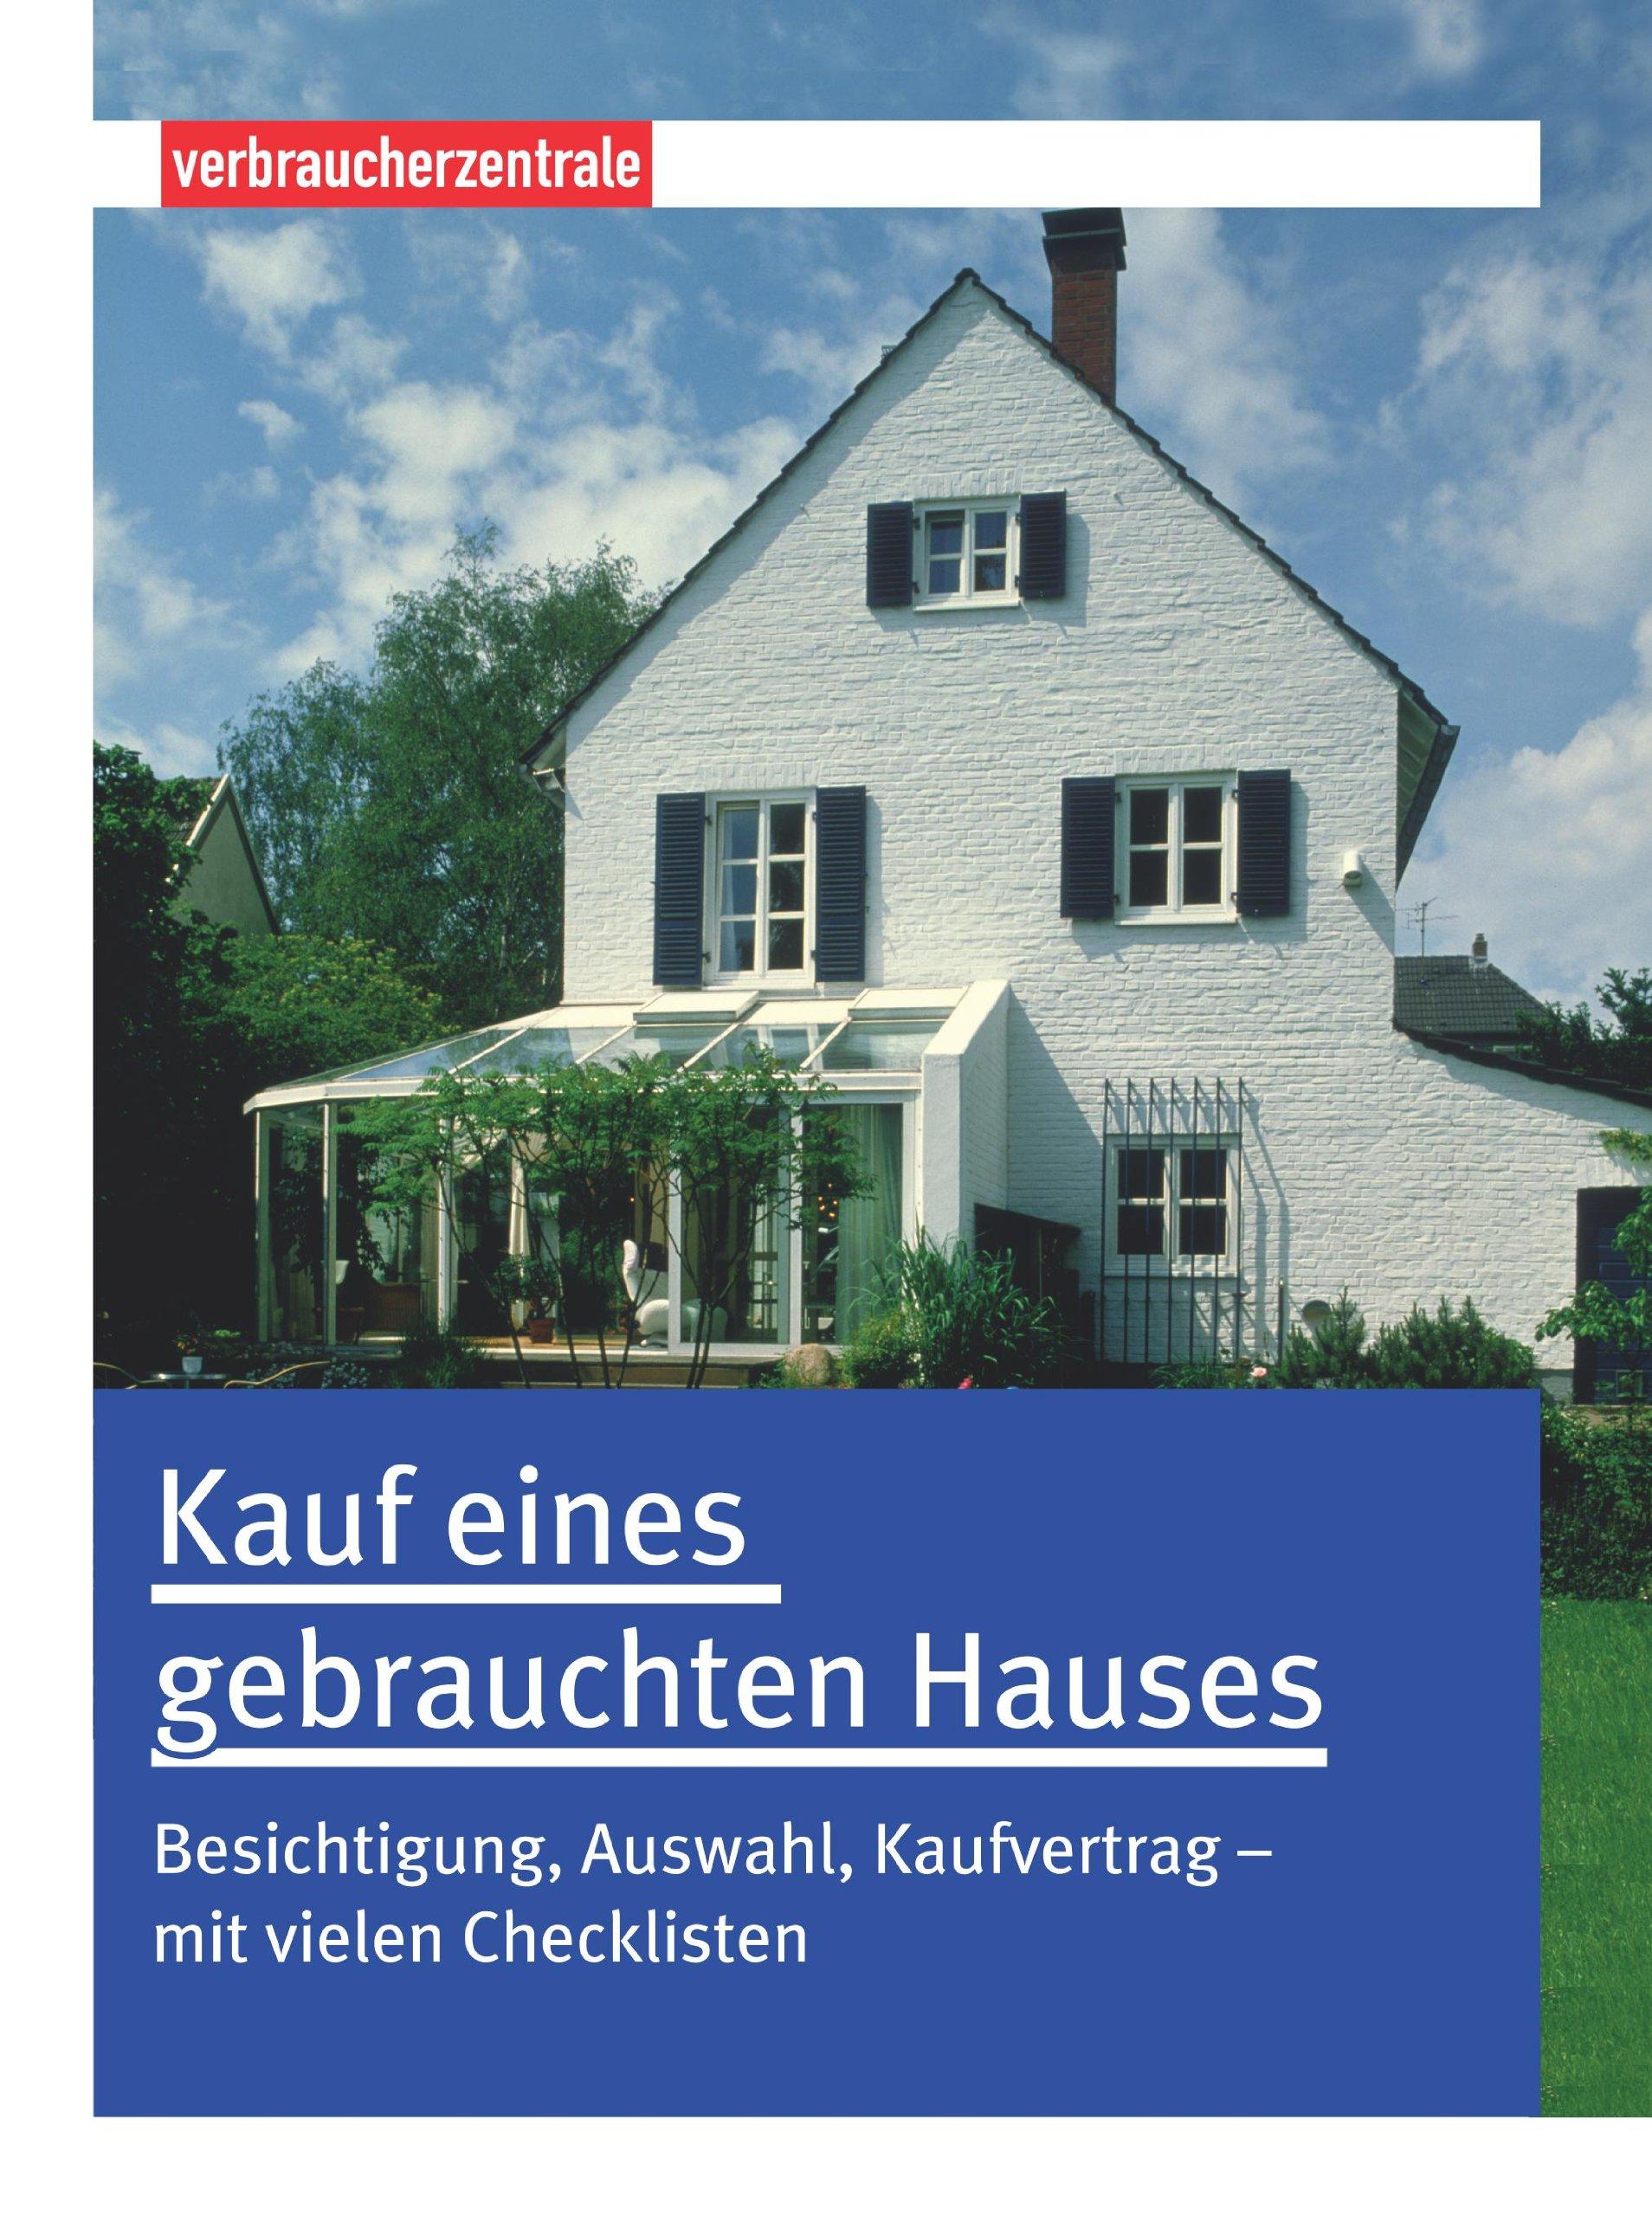 Kauf eines gebrauchten Hauses: Besichtigung, Auswahl, Kaufvertrag ...